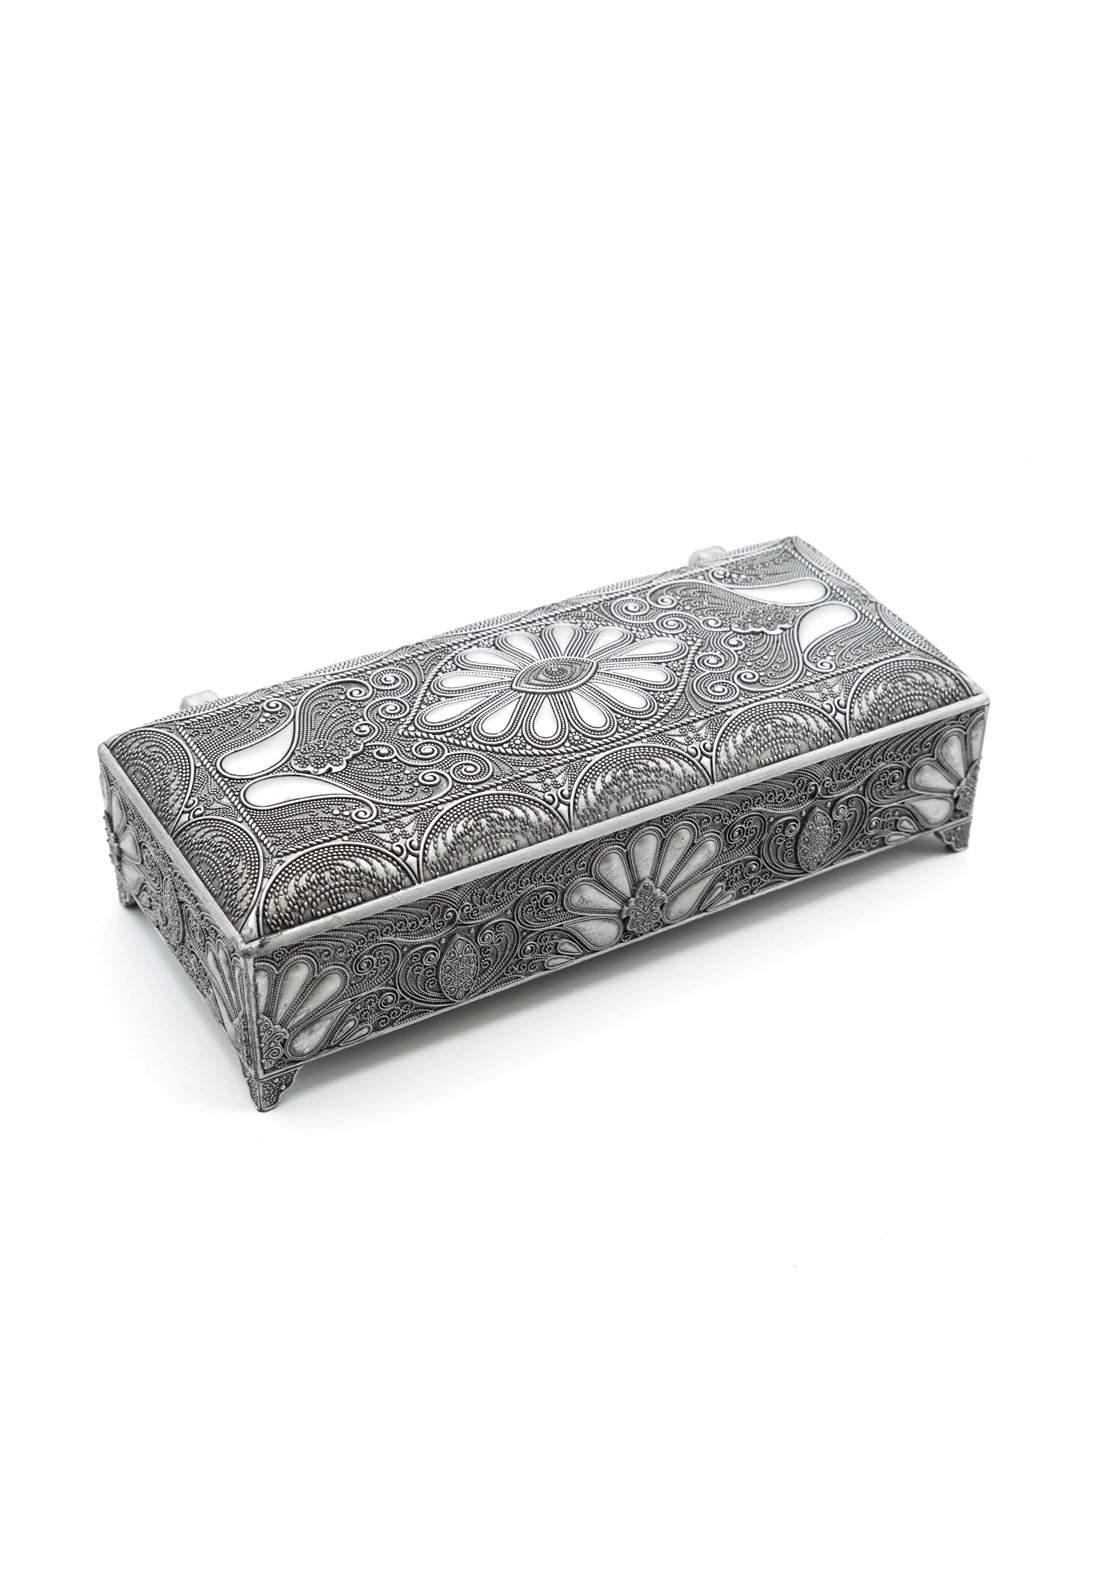 صندوق معدني للمجوهرات فضي اللون